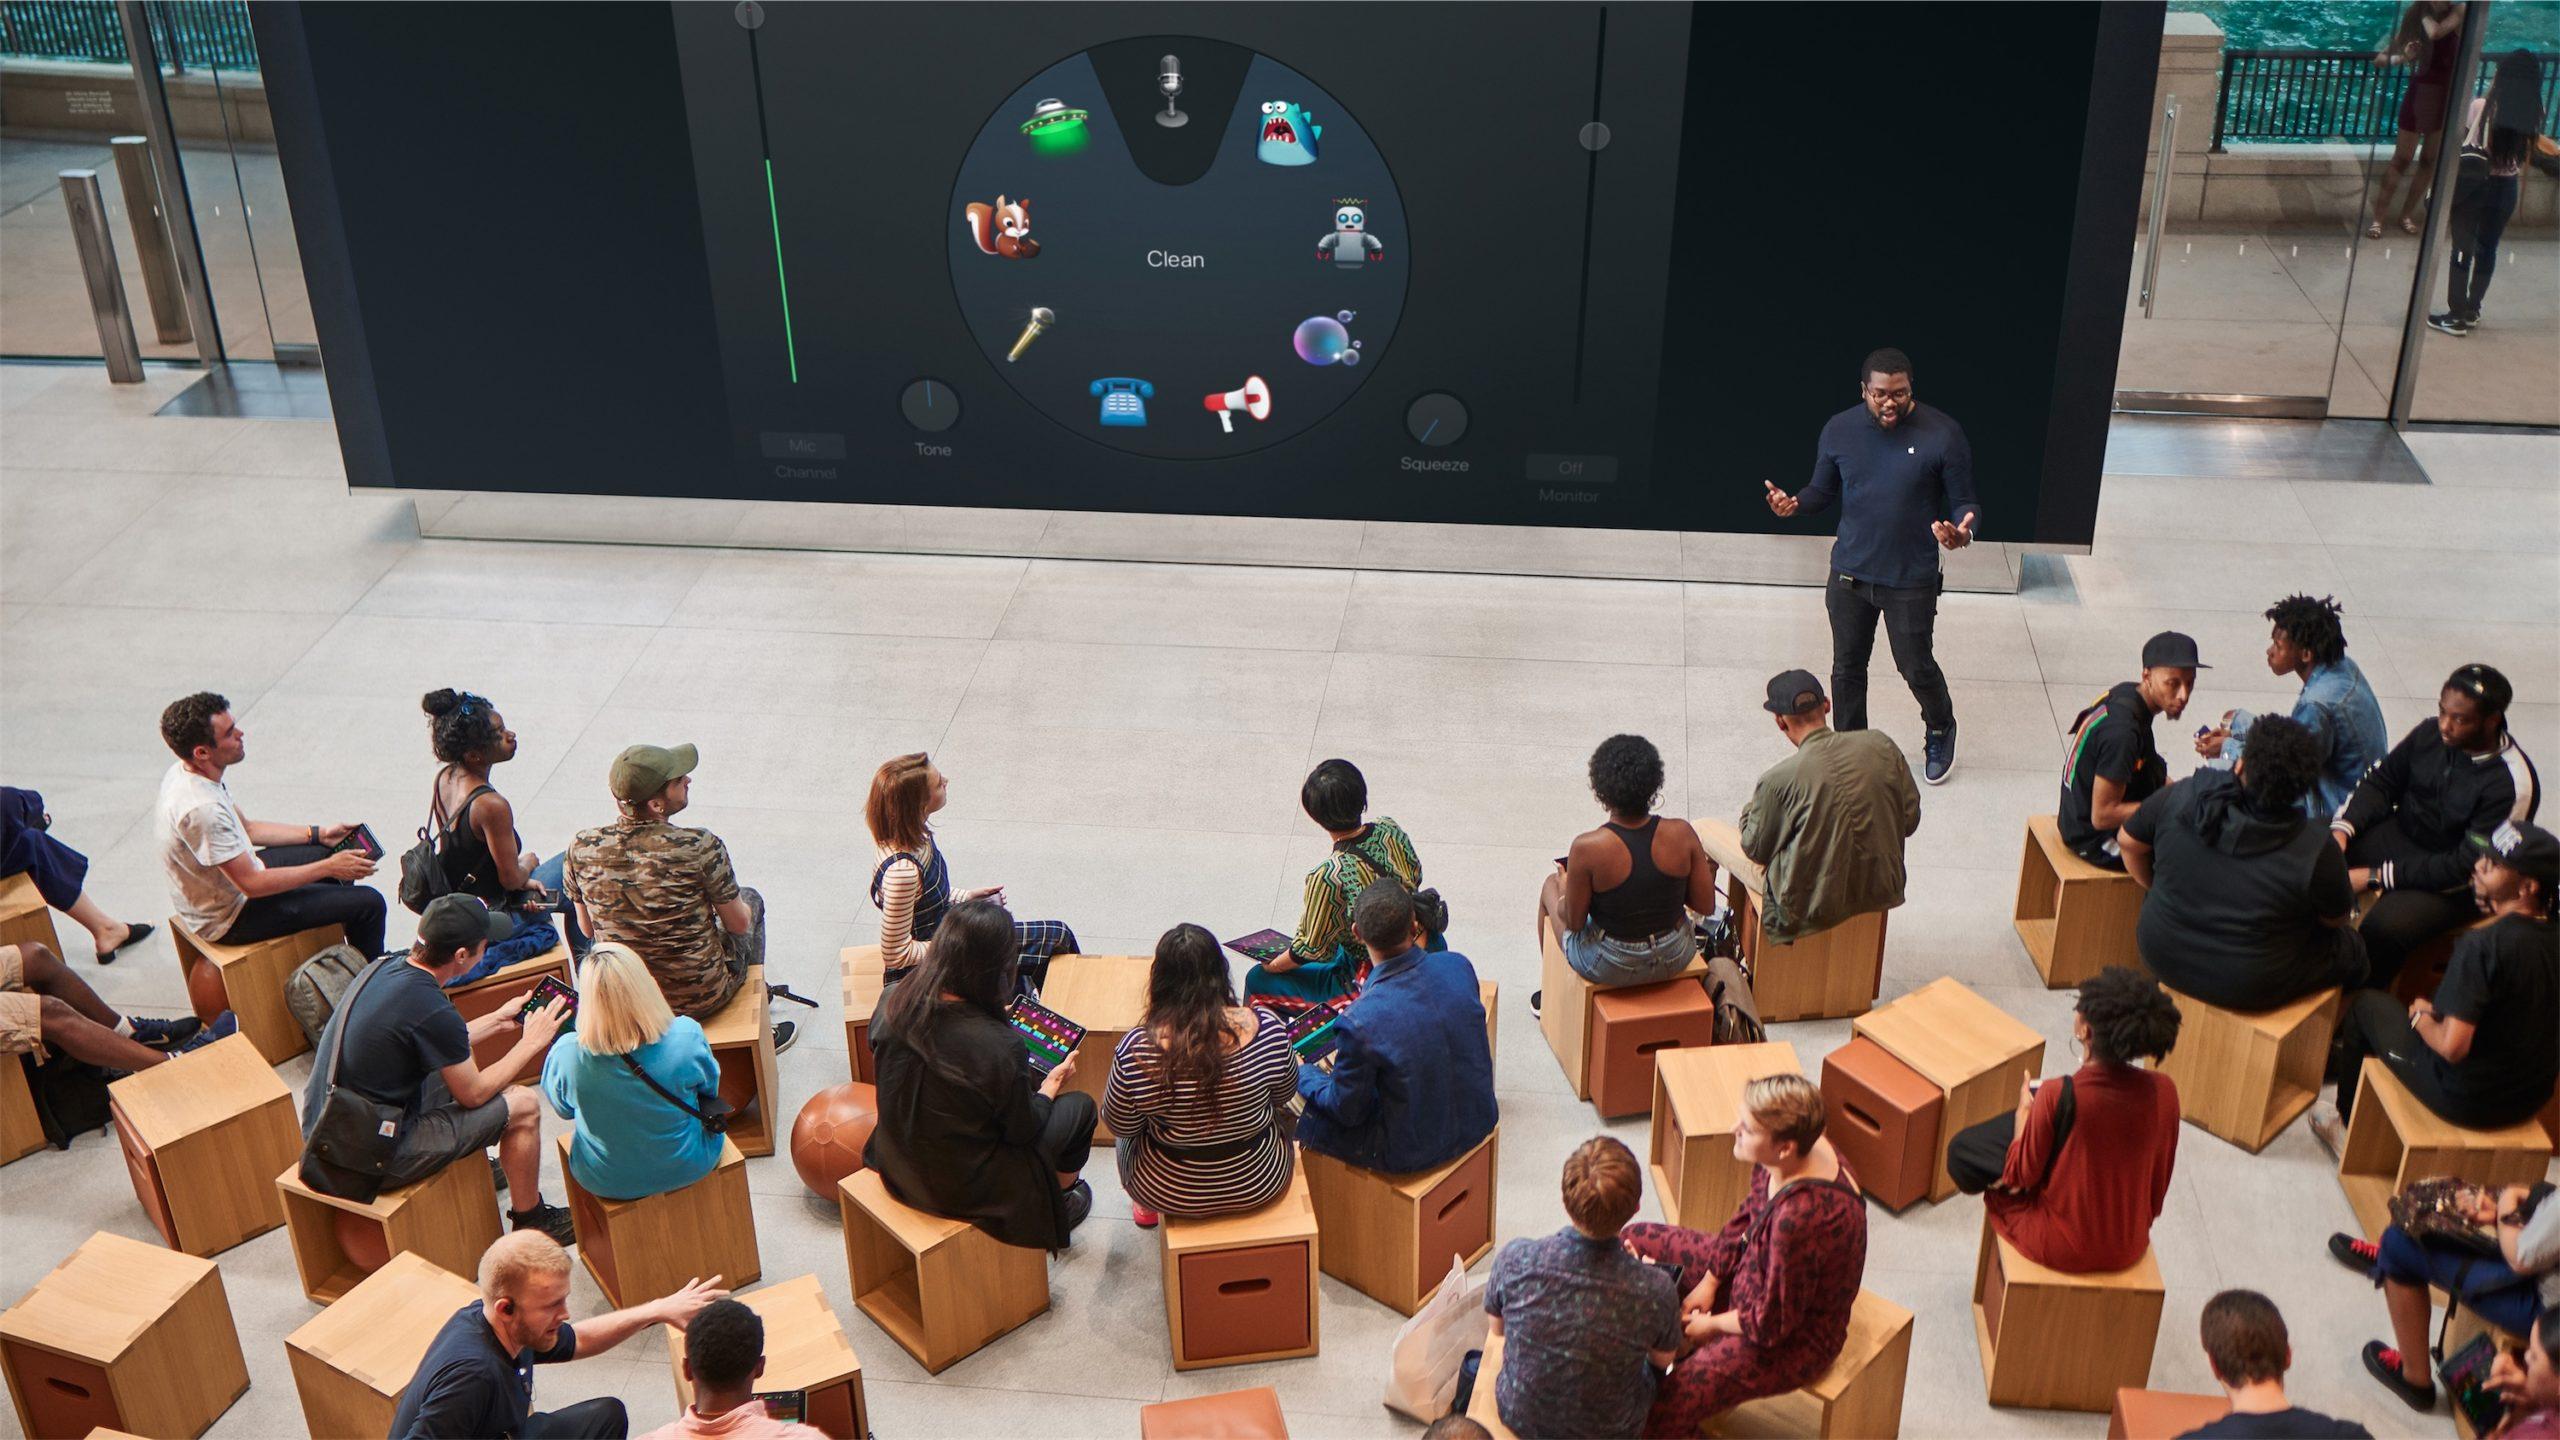 Novas sessões do Today at Apple